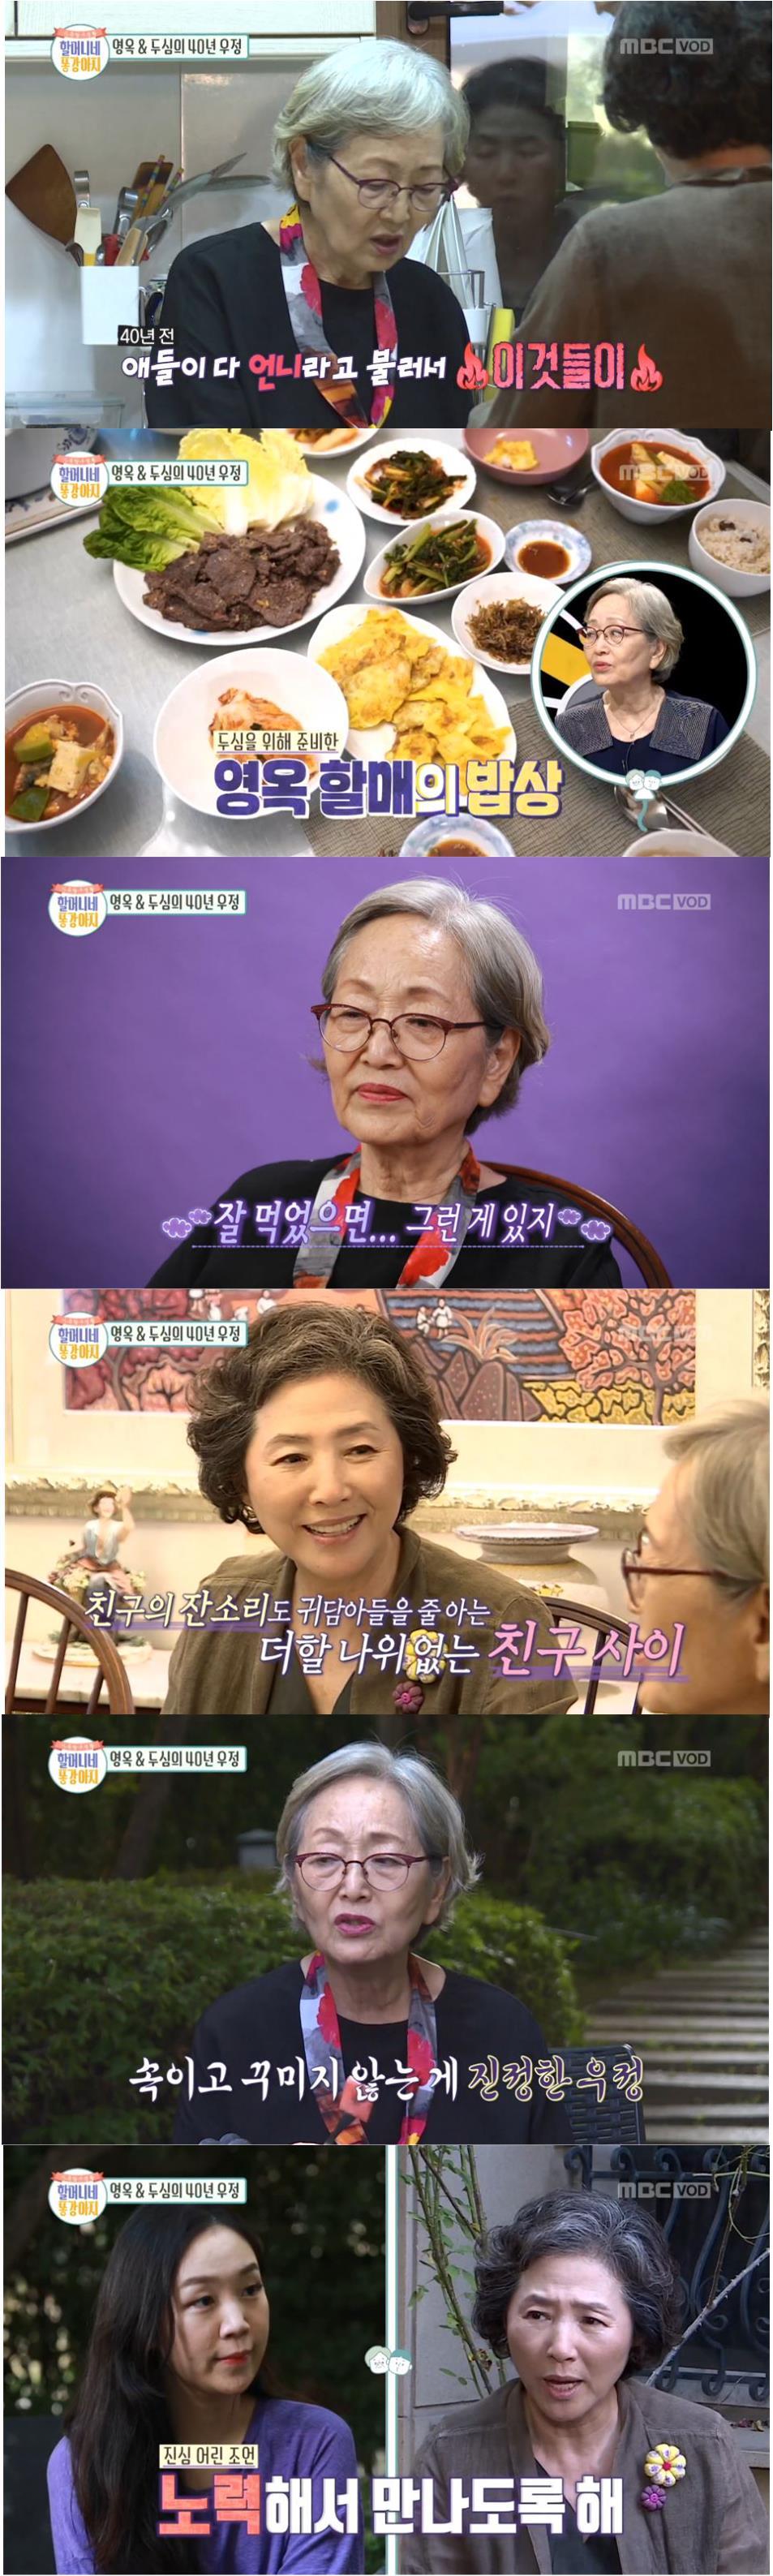 '할머니네 똥강아지' 김영옥X고두심, 손녀에게 전하는 40년 우정의 비법